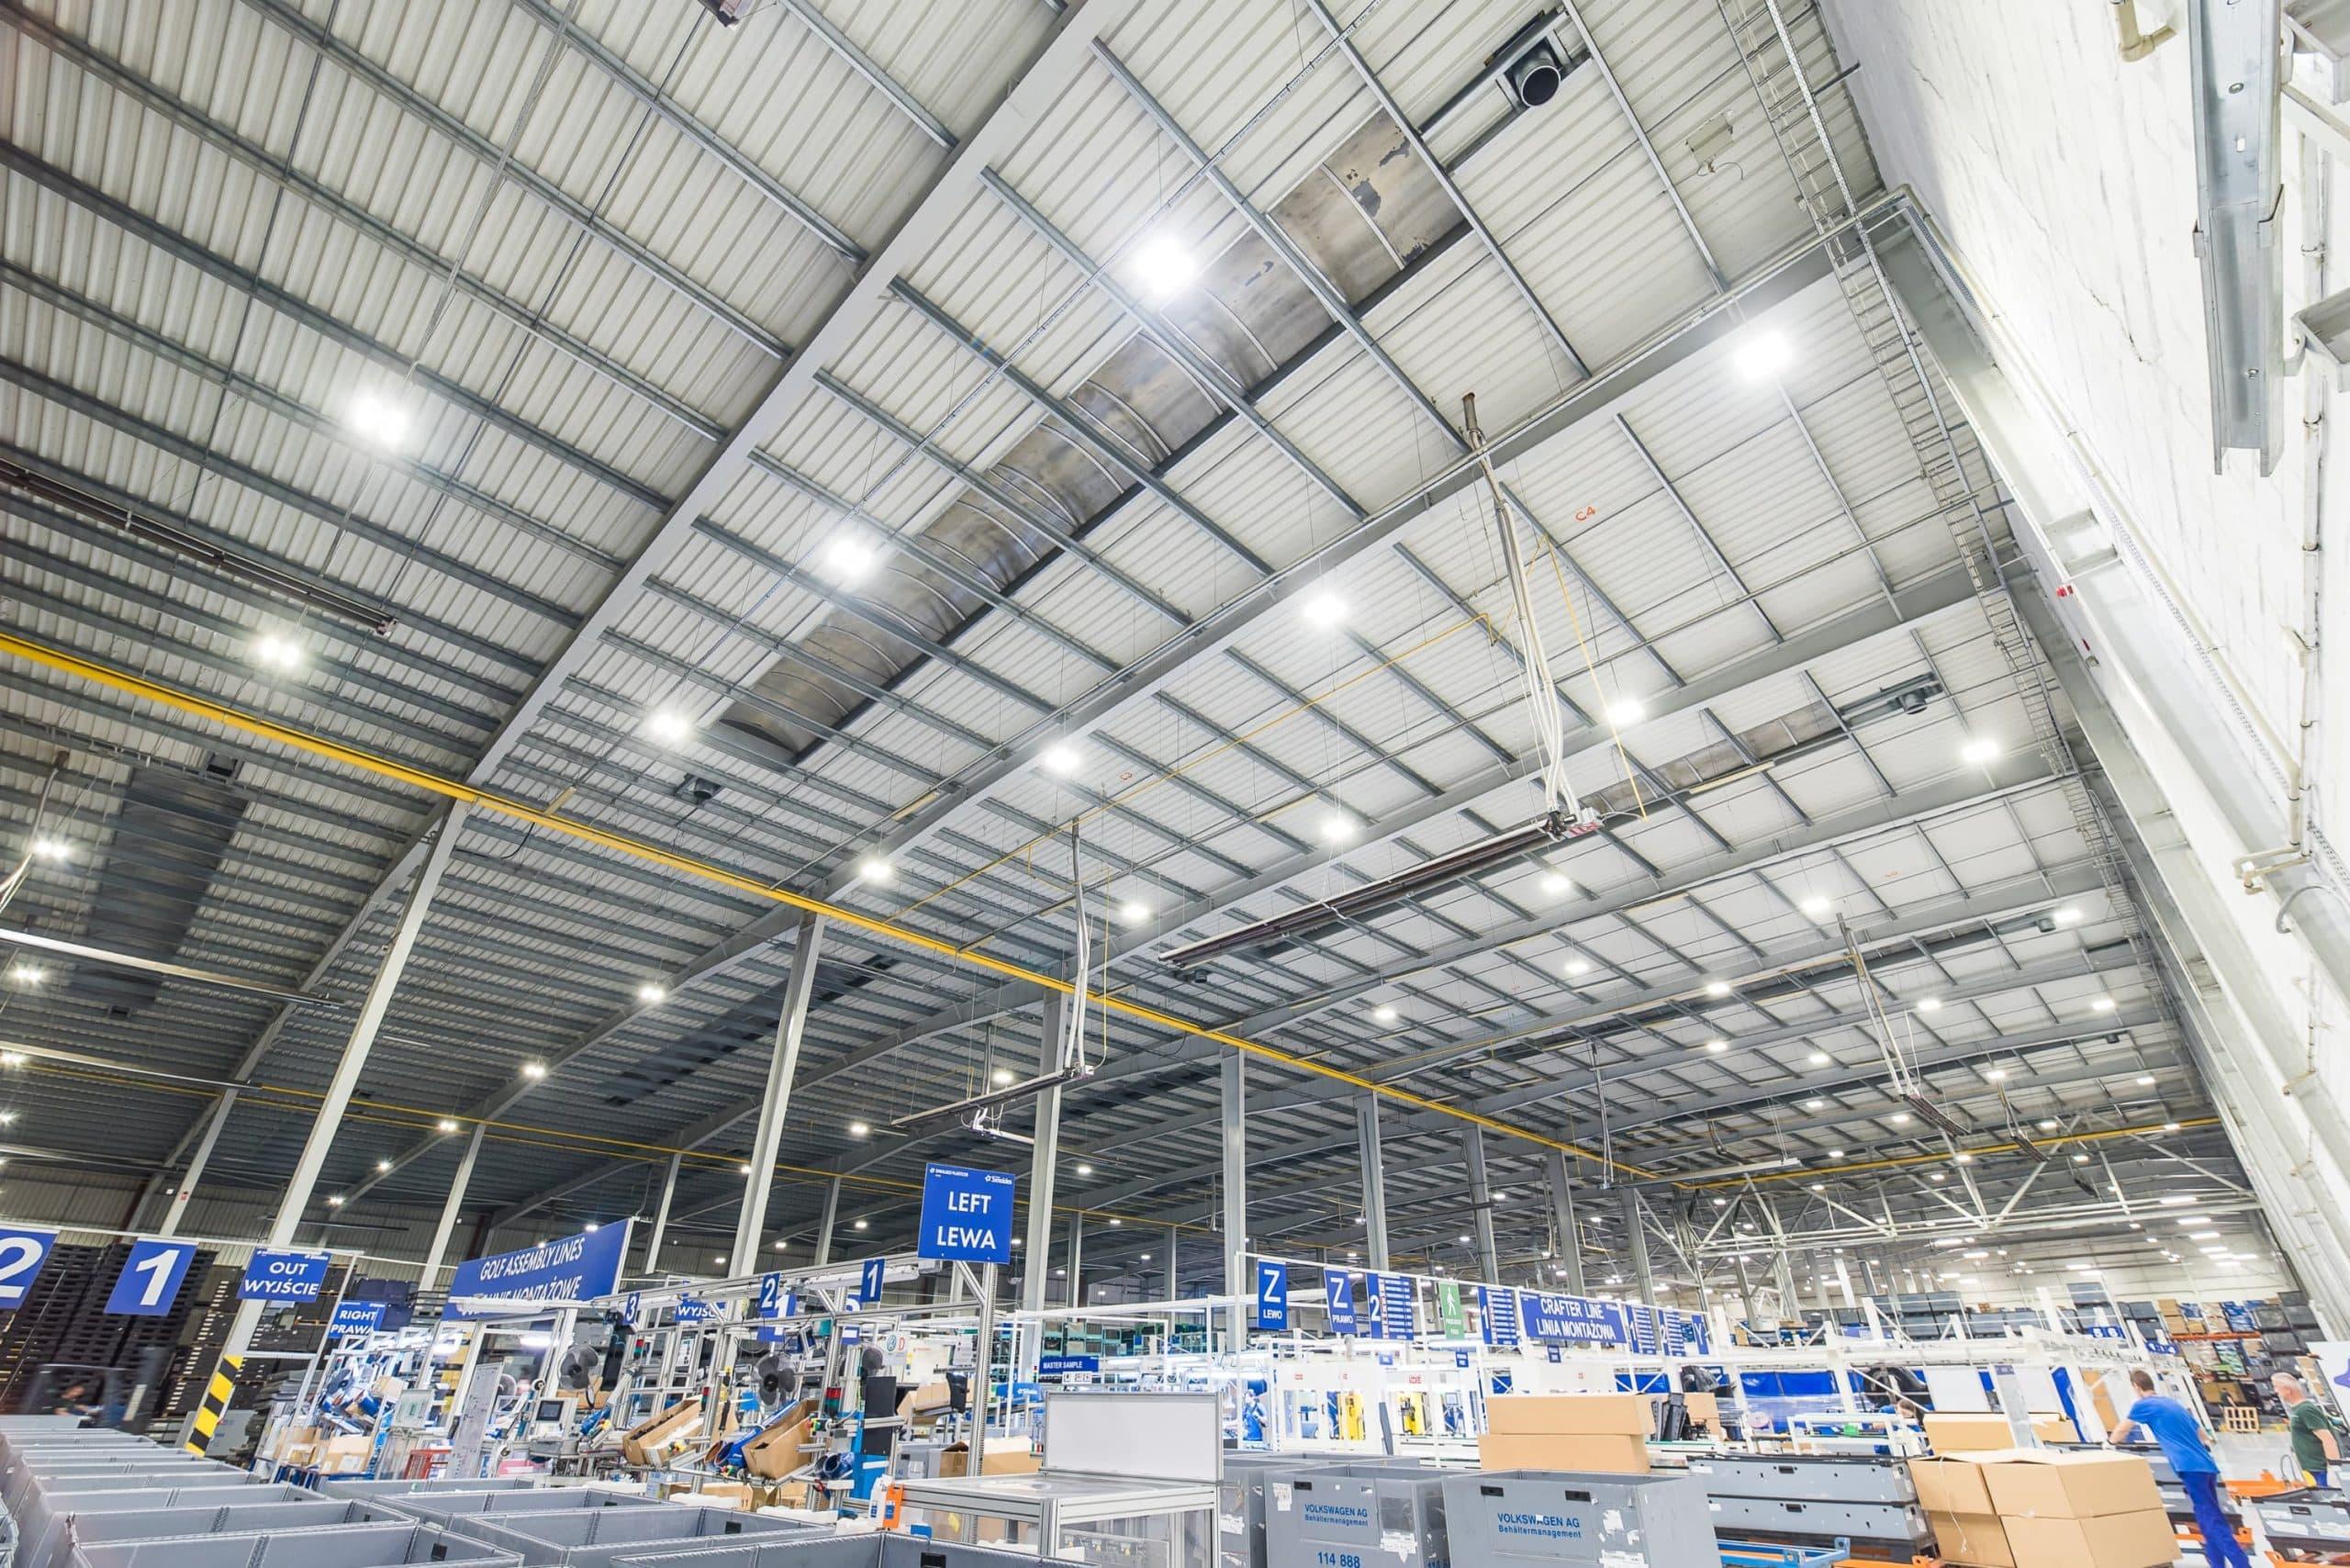 Oprawy przemysłowe Highbay dla firmy Simoldes - hala produkcyjna zmodernizowana przez Luxon LED